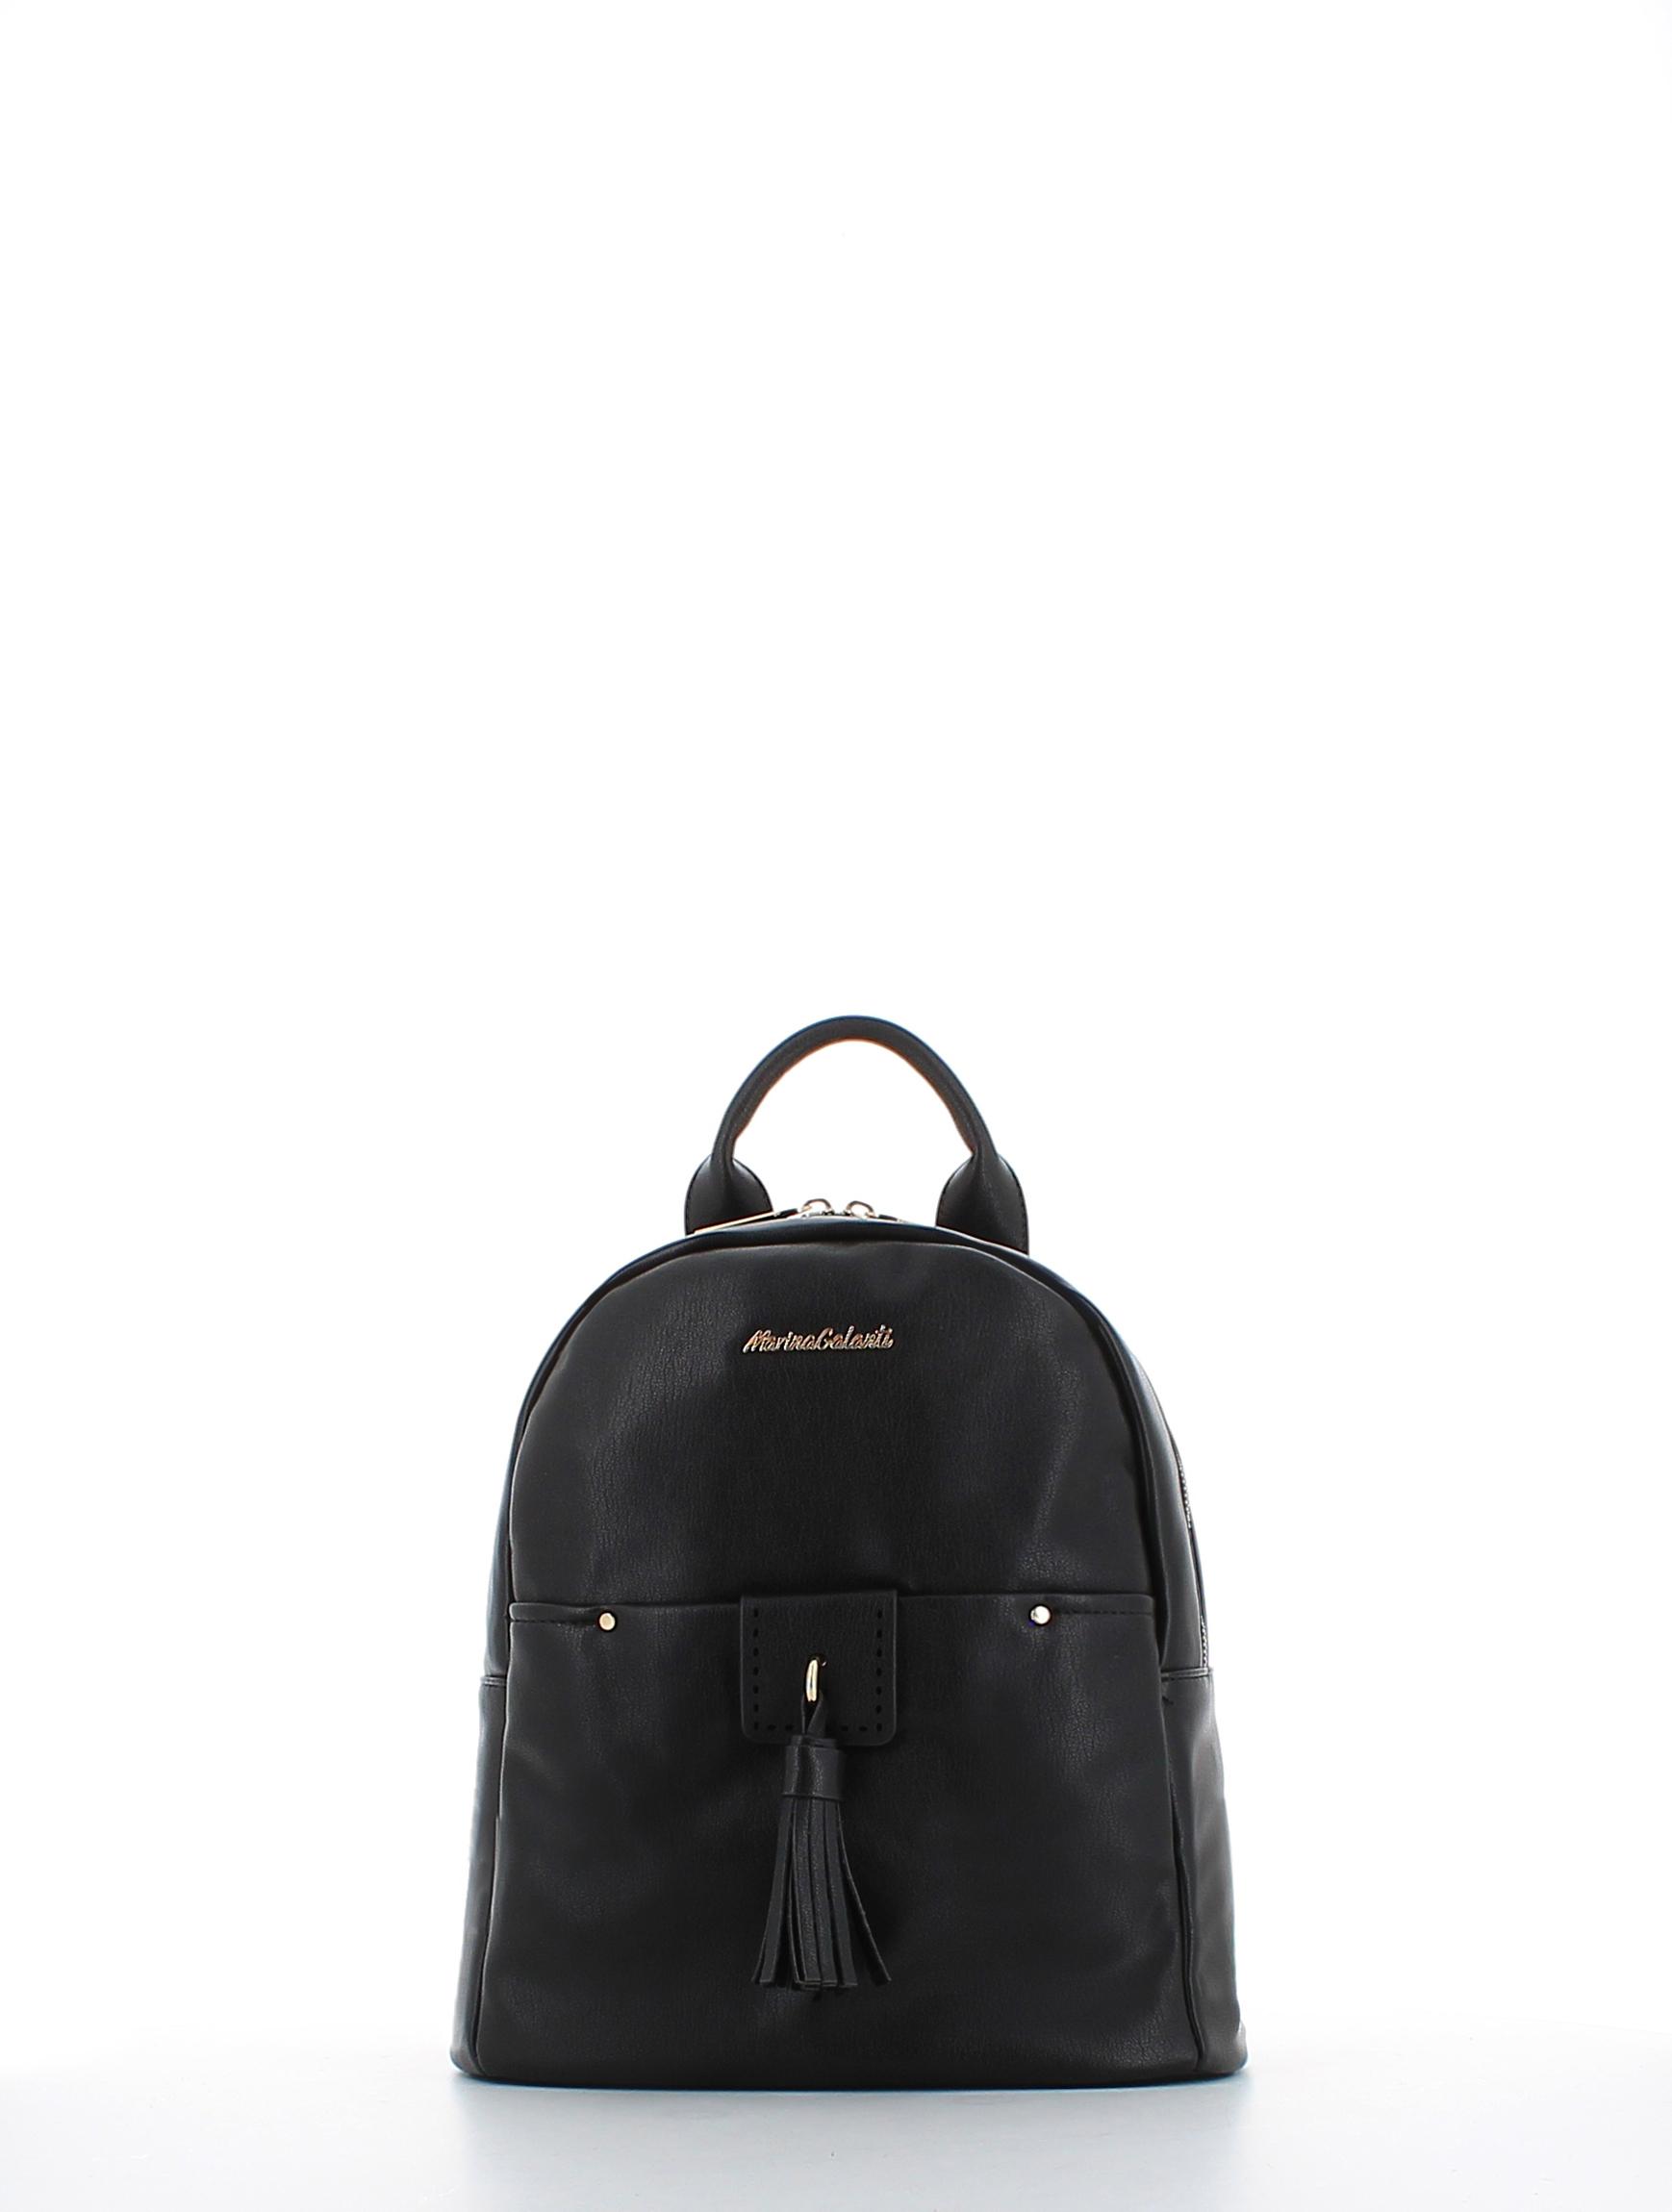 Sac à dos noir pour femme | Sacs à dos et sacs en simili-cuir en ligne